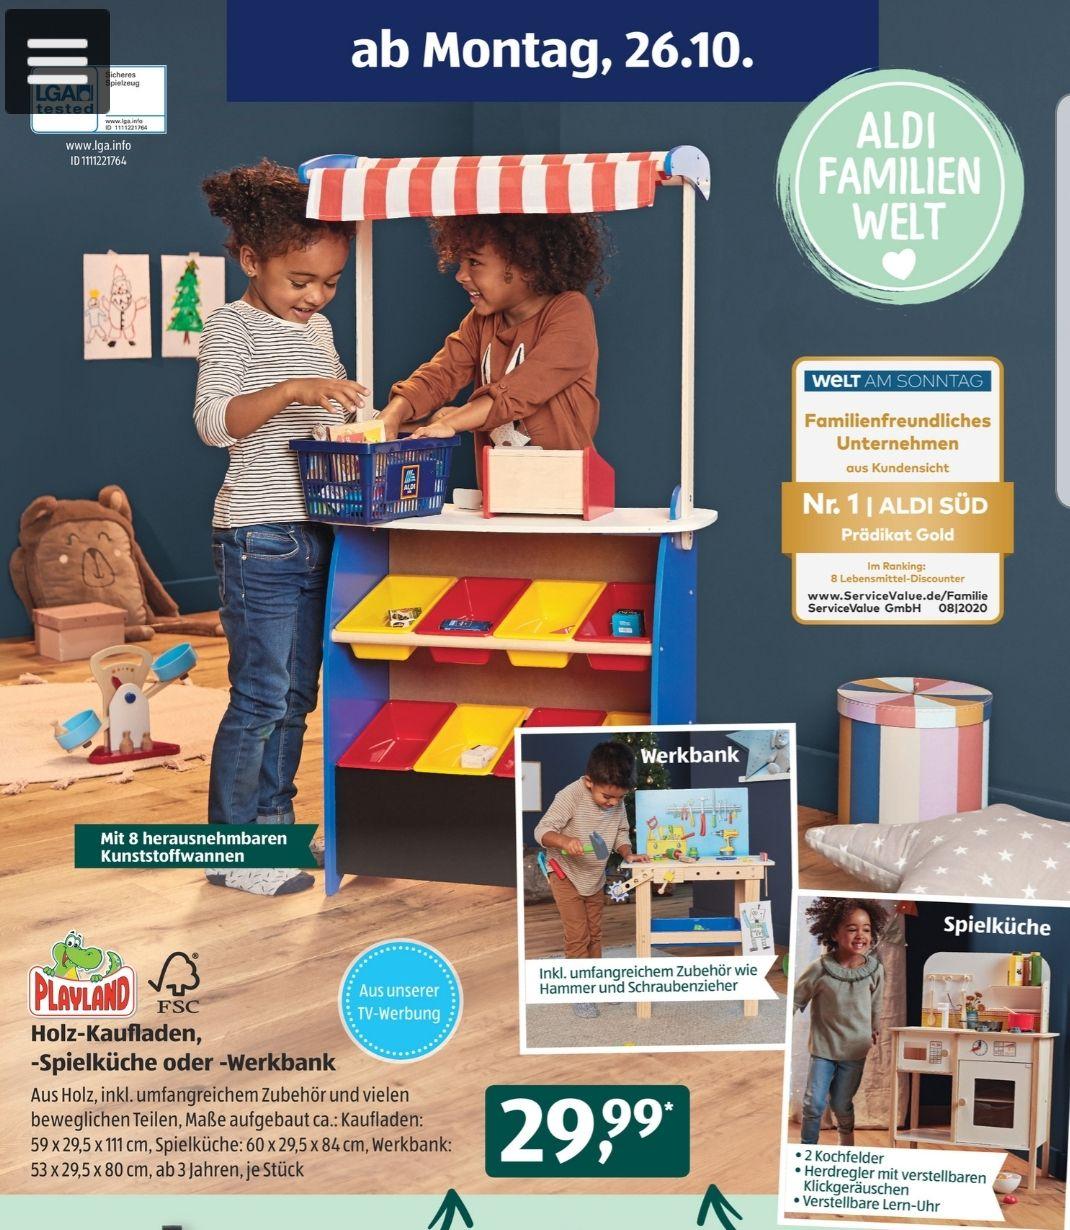 Playland Holz-Kaufladen, -Spielküche oder - Werkbank, zusätzliches Zubehör, ab 26.10.20 Aldi Süd